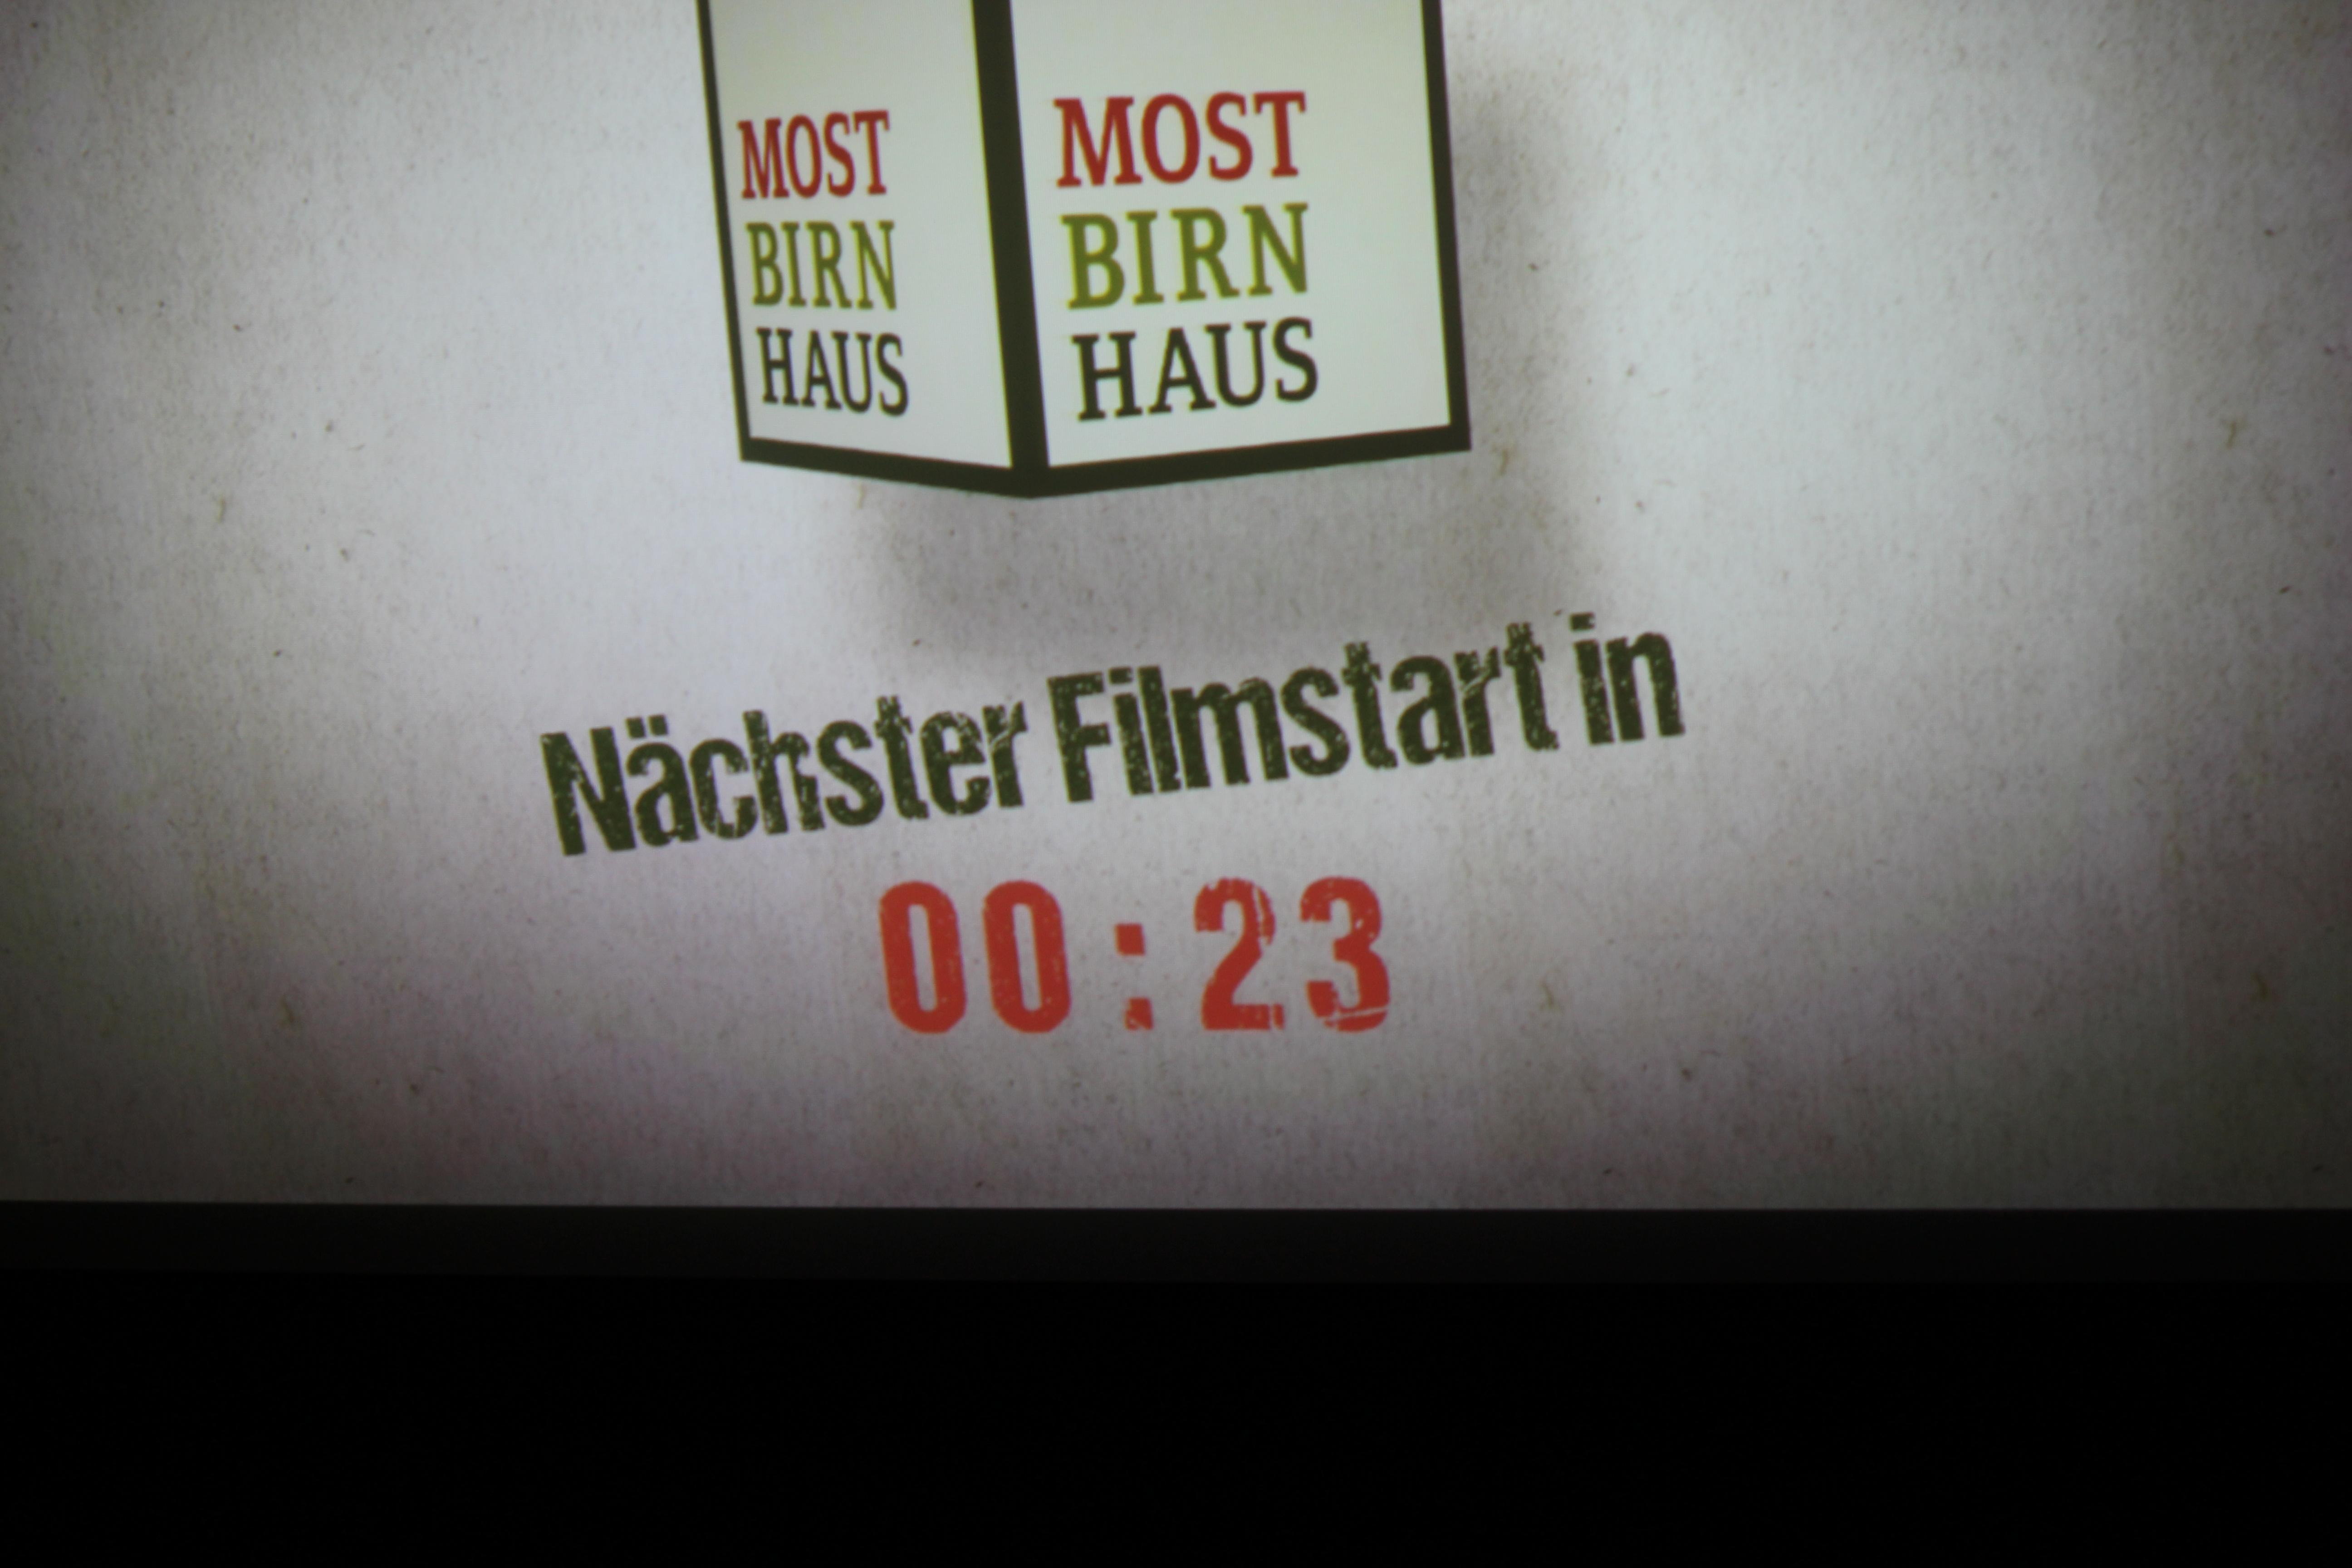 Mostbirnhaus Kino